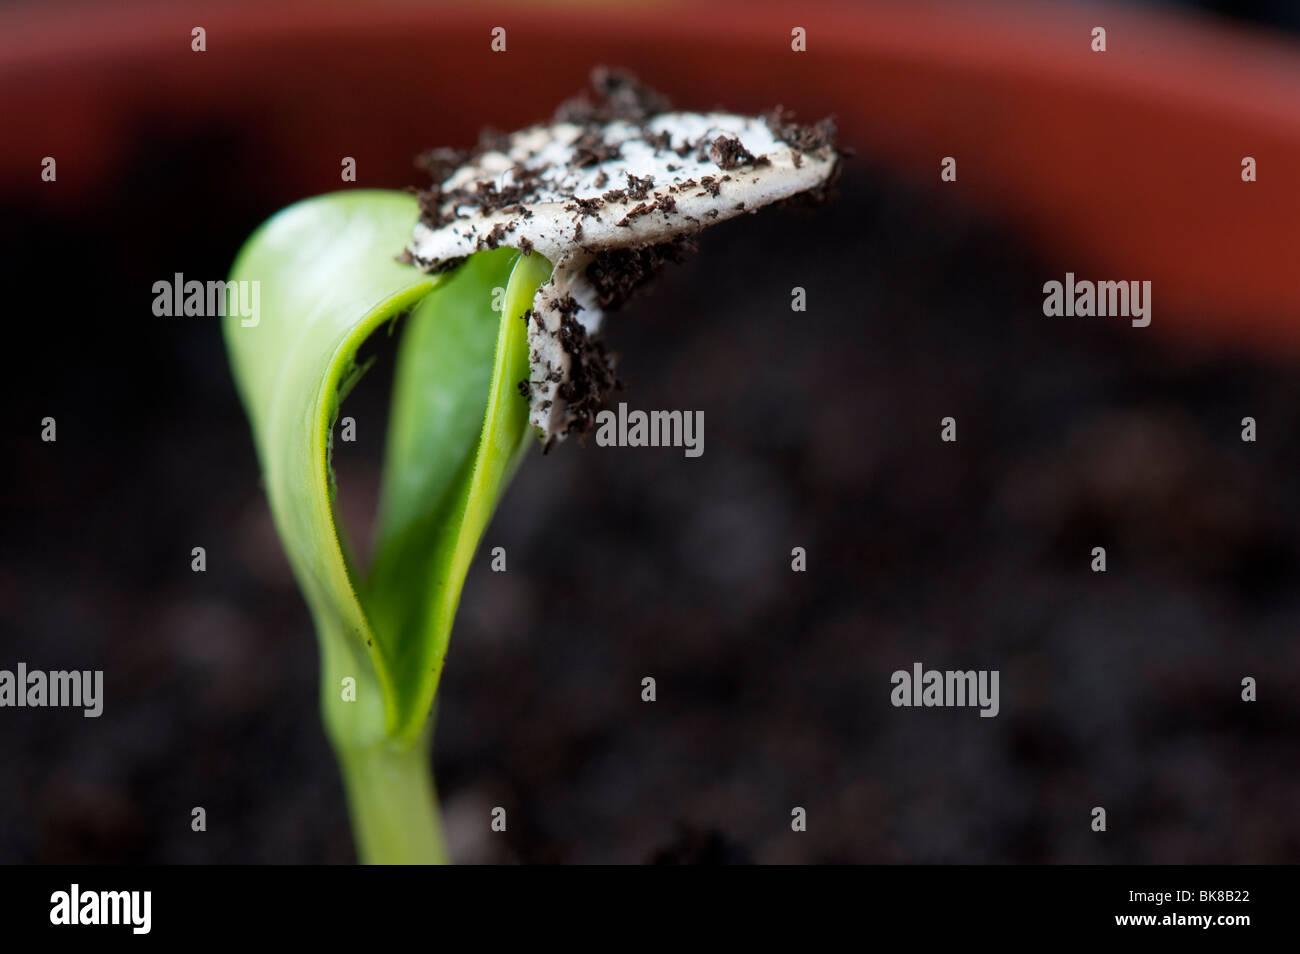 La zucchina 'Midnight' pianta ibrida piantine scartando il suo seme caso. Regno Unito Immagini Stock